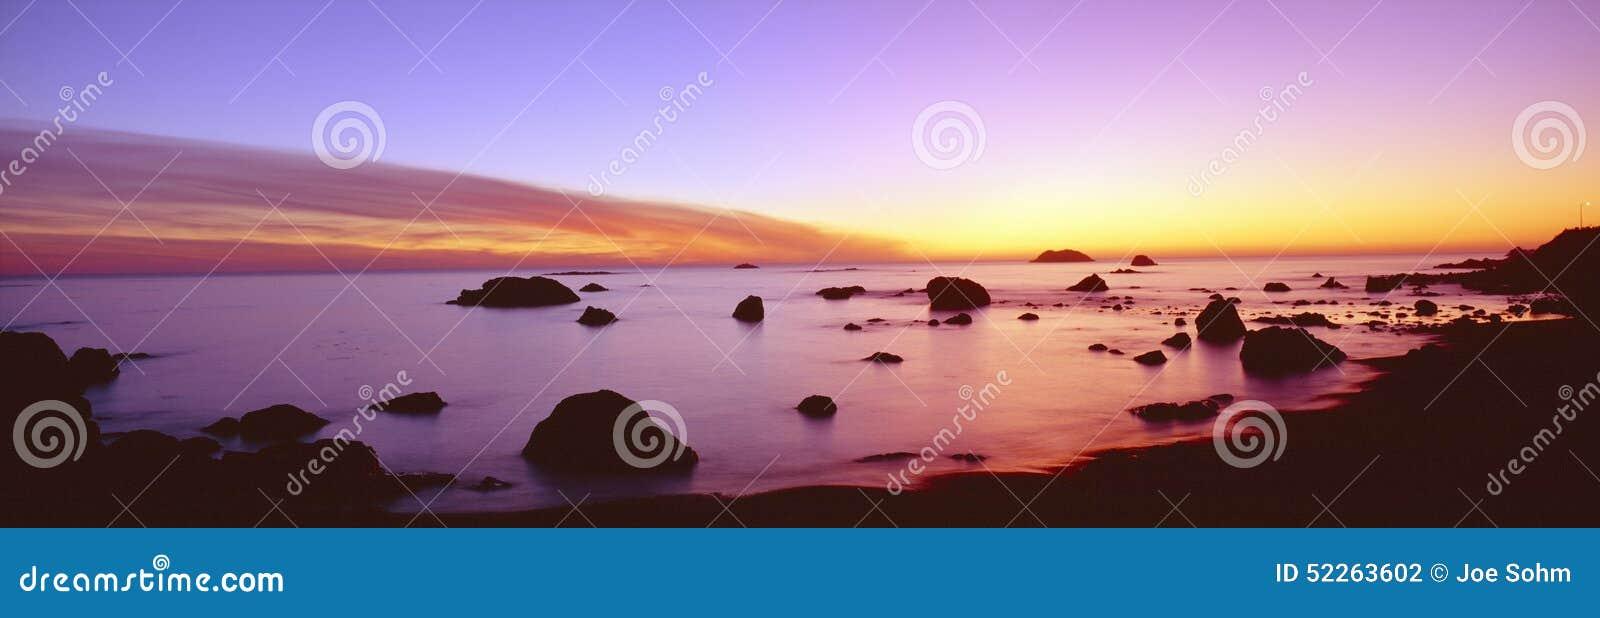 Puesta del sol en la línea de la playa pacífica rocosa, California septentrional